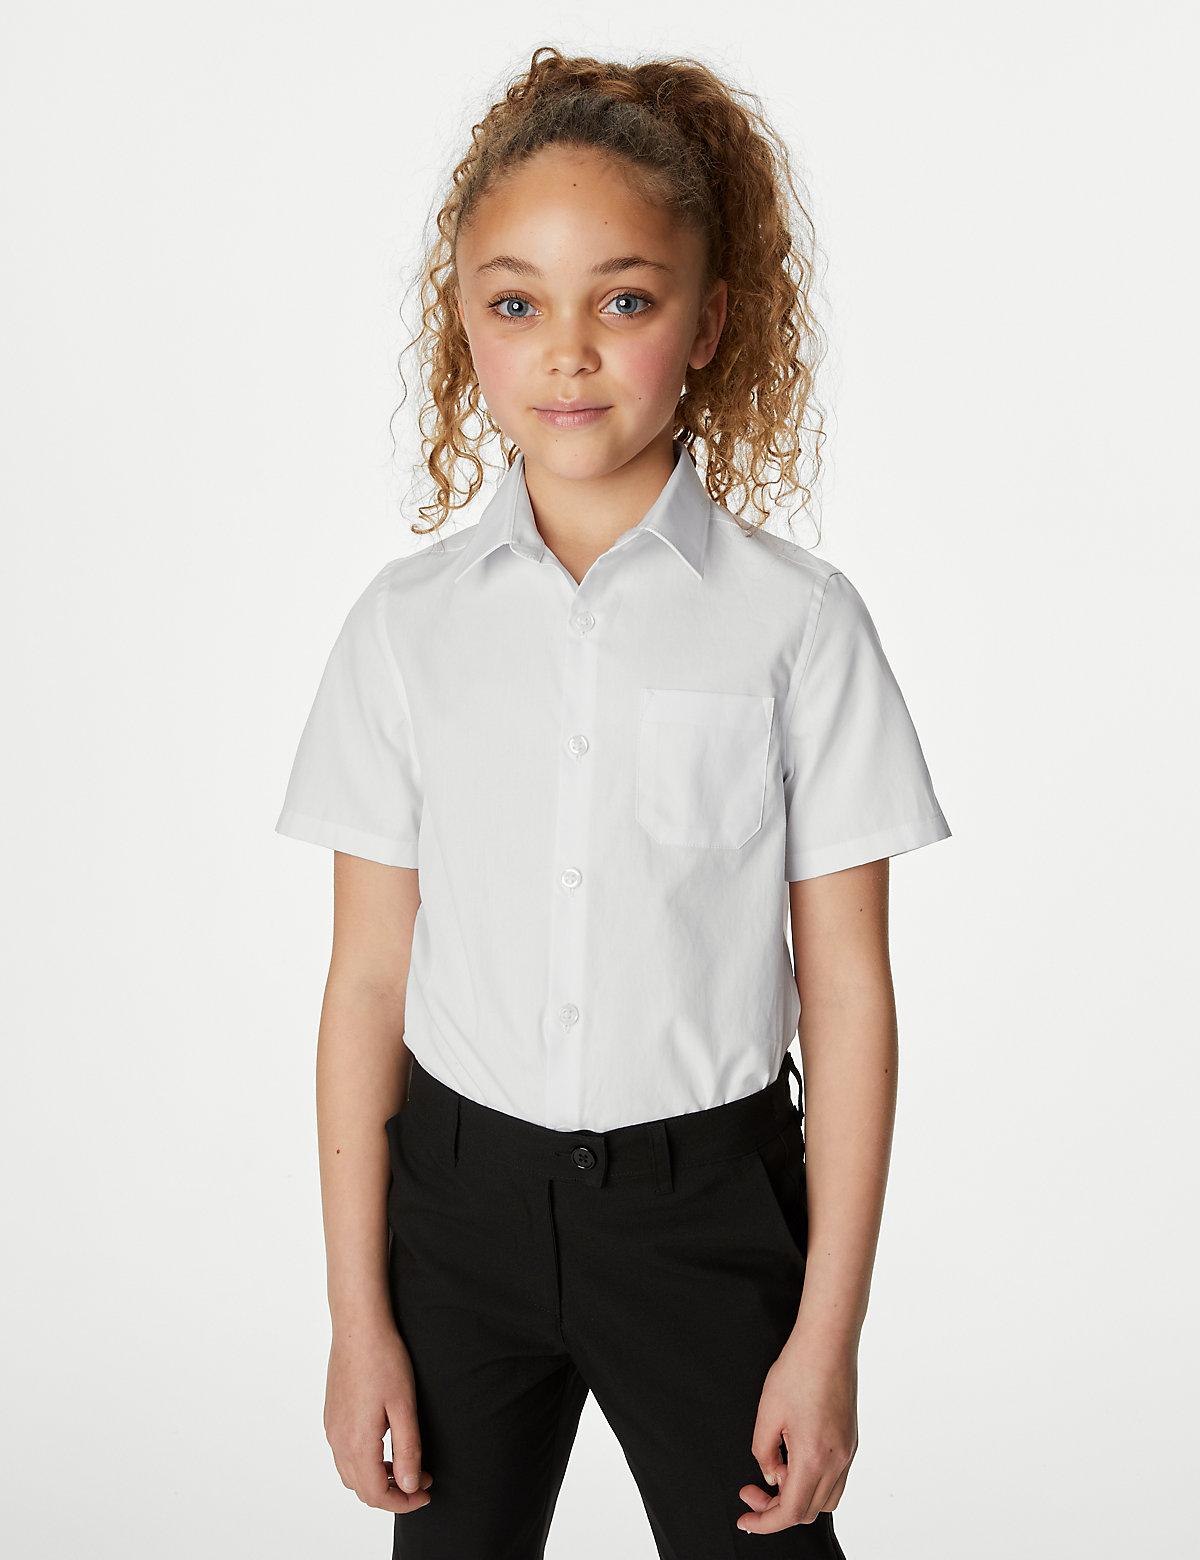 Облегающая школьная блузка из чистого хлопка (2 шт)